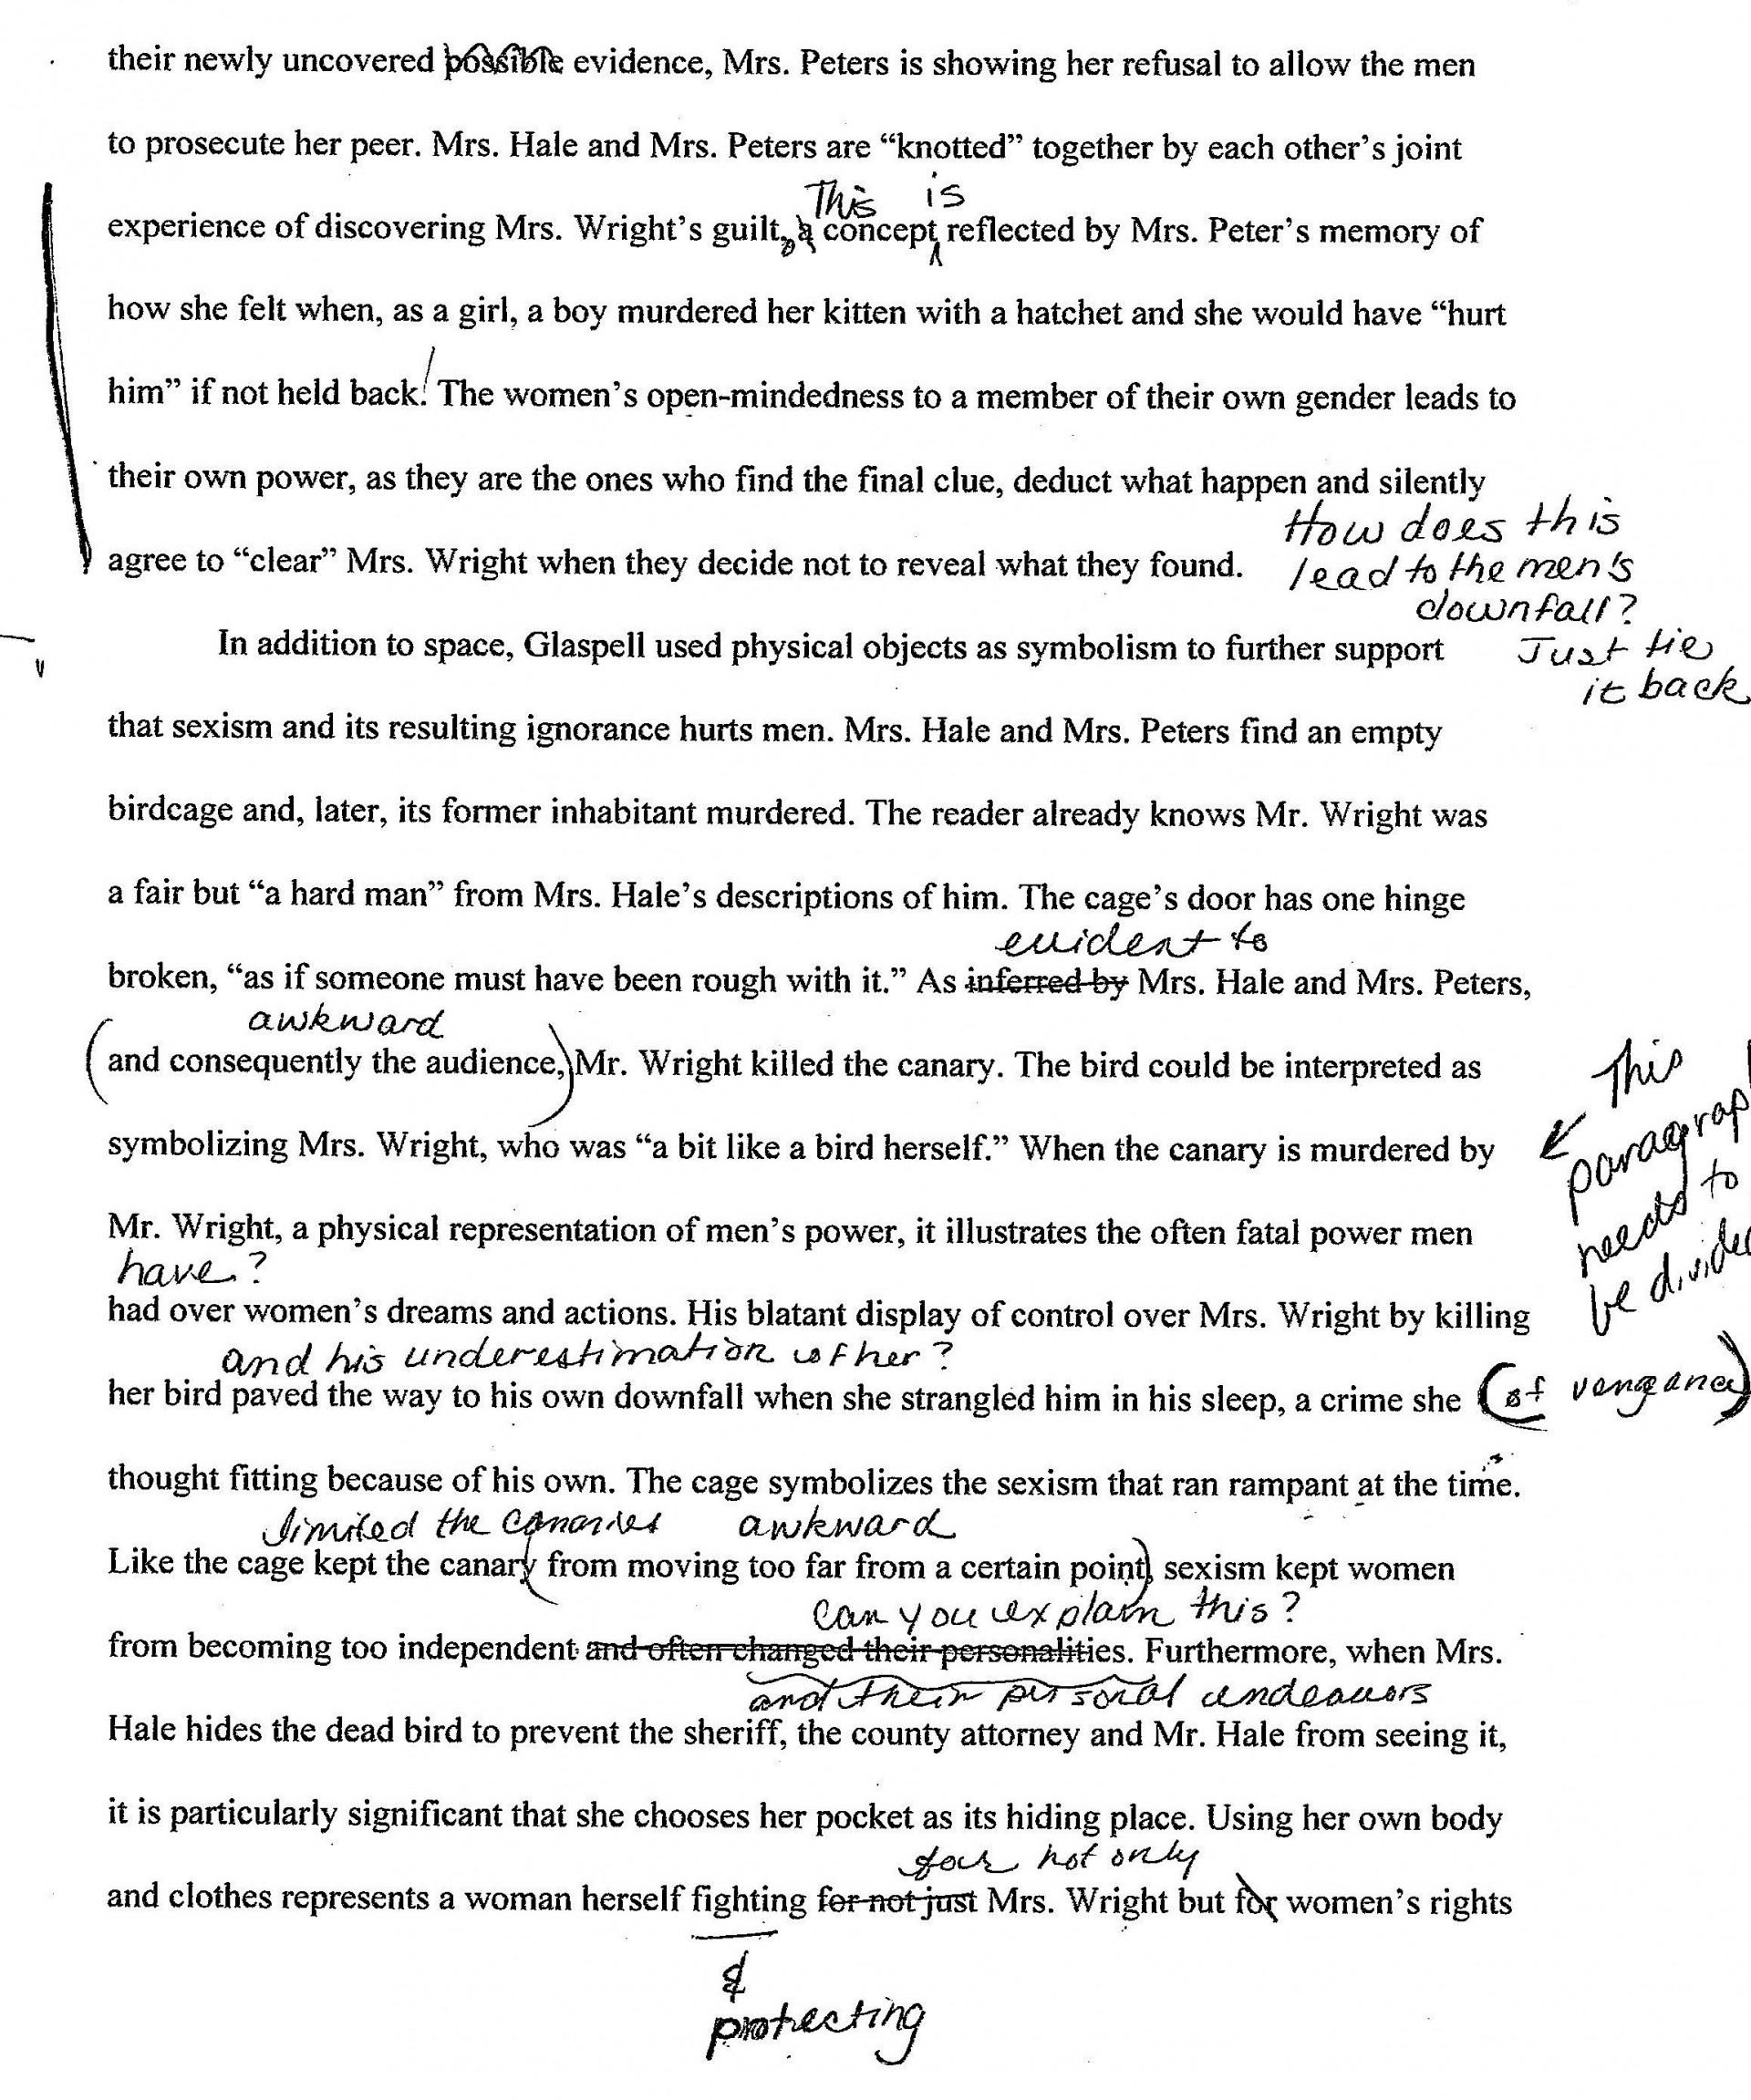 002 Trifles Essay Example Formidable Questions Feminism Topics 1920